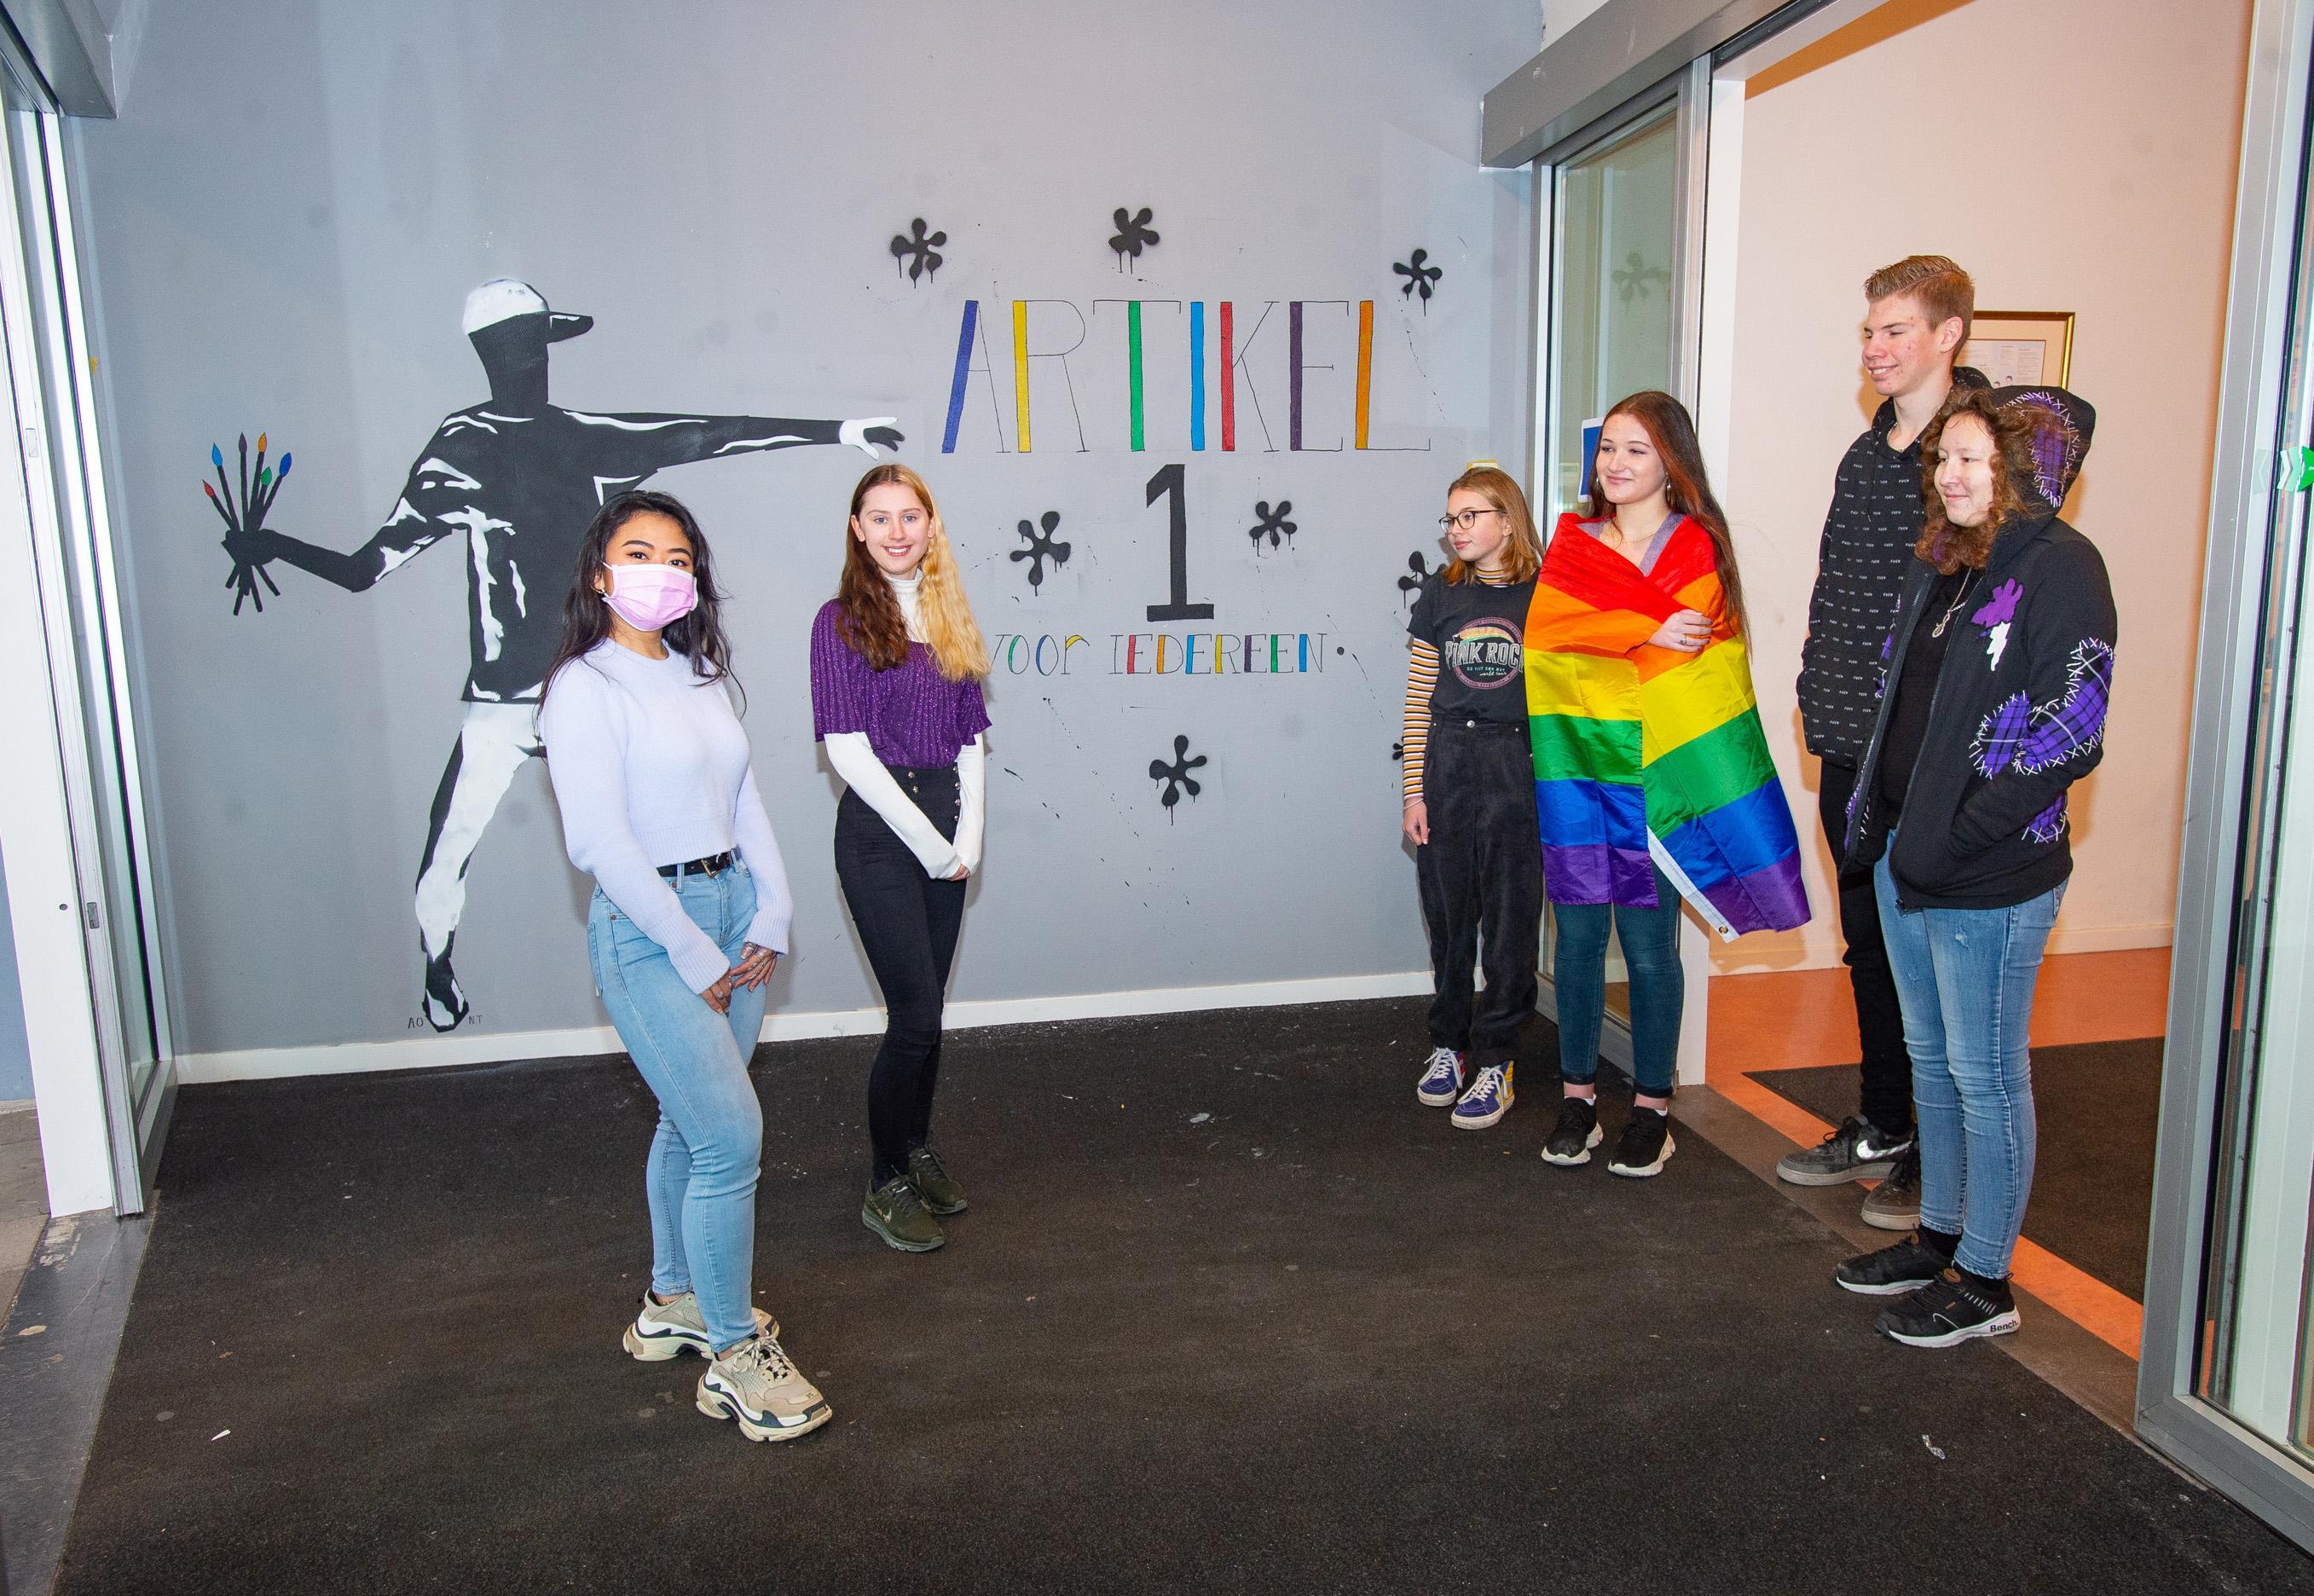 Muurschildering bij Edamse school De Triade ter ere van Paarse Vrijdag: 'Iedereen is hier welkom en dat dragen we uit'